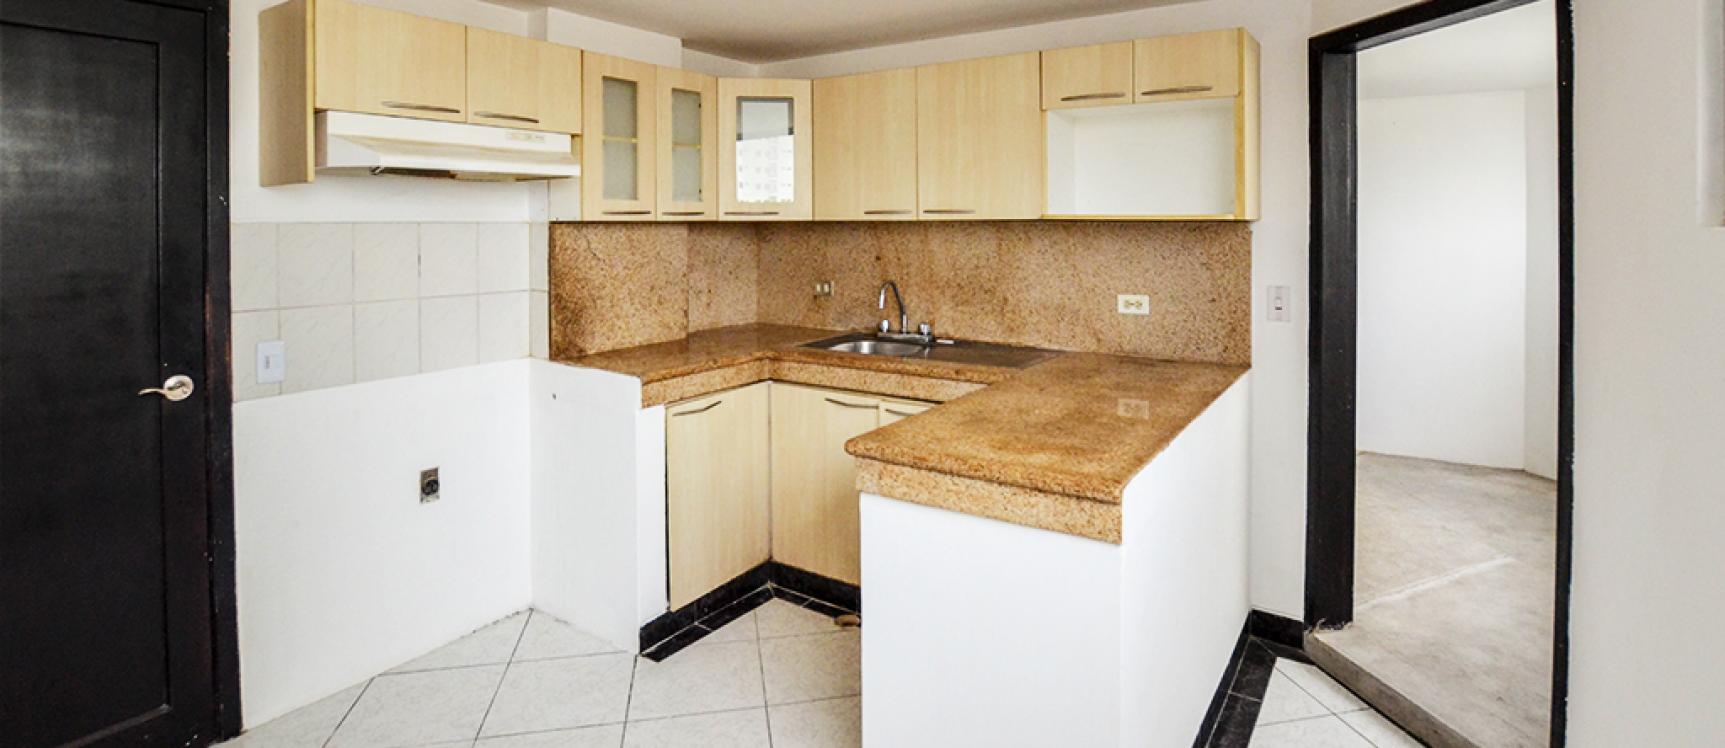 GeoBienes - Departamento en Venta en Ceibos Norte sector Vía a la Costa Guayaquil - Plusvalia Guayaquil Casas de venta y alquiler Inmobiliaria Ecuador